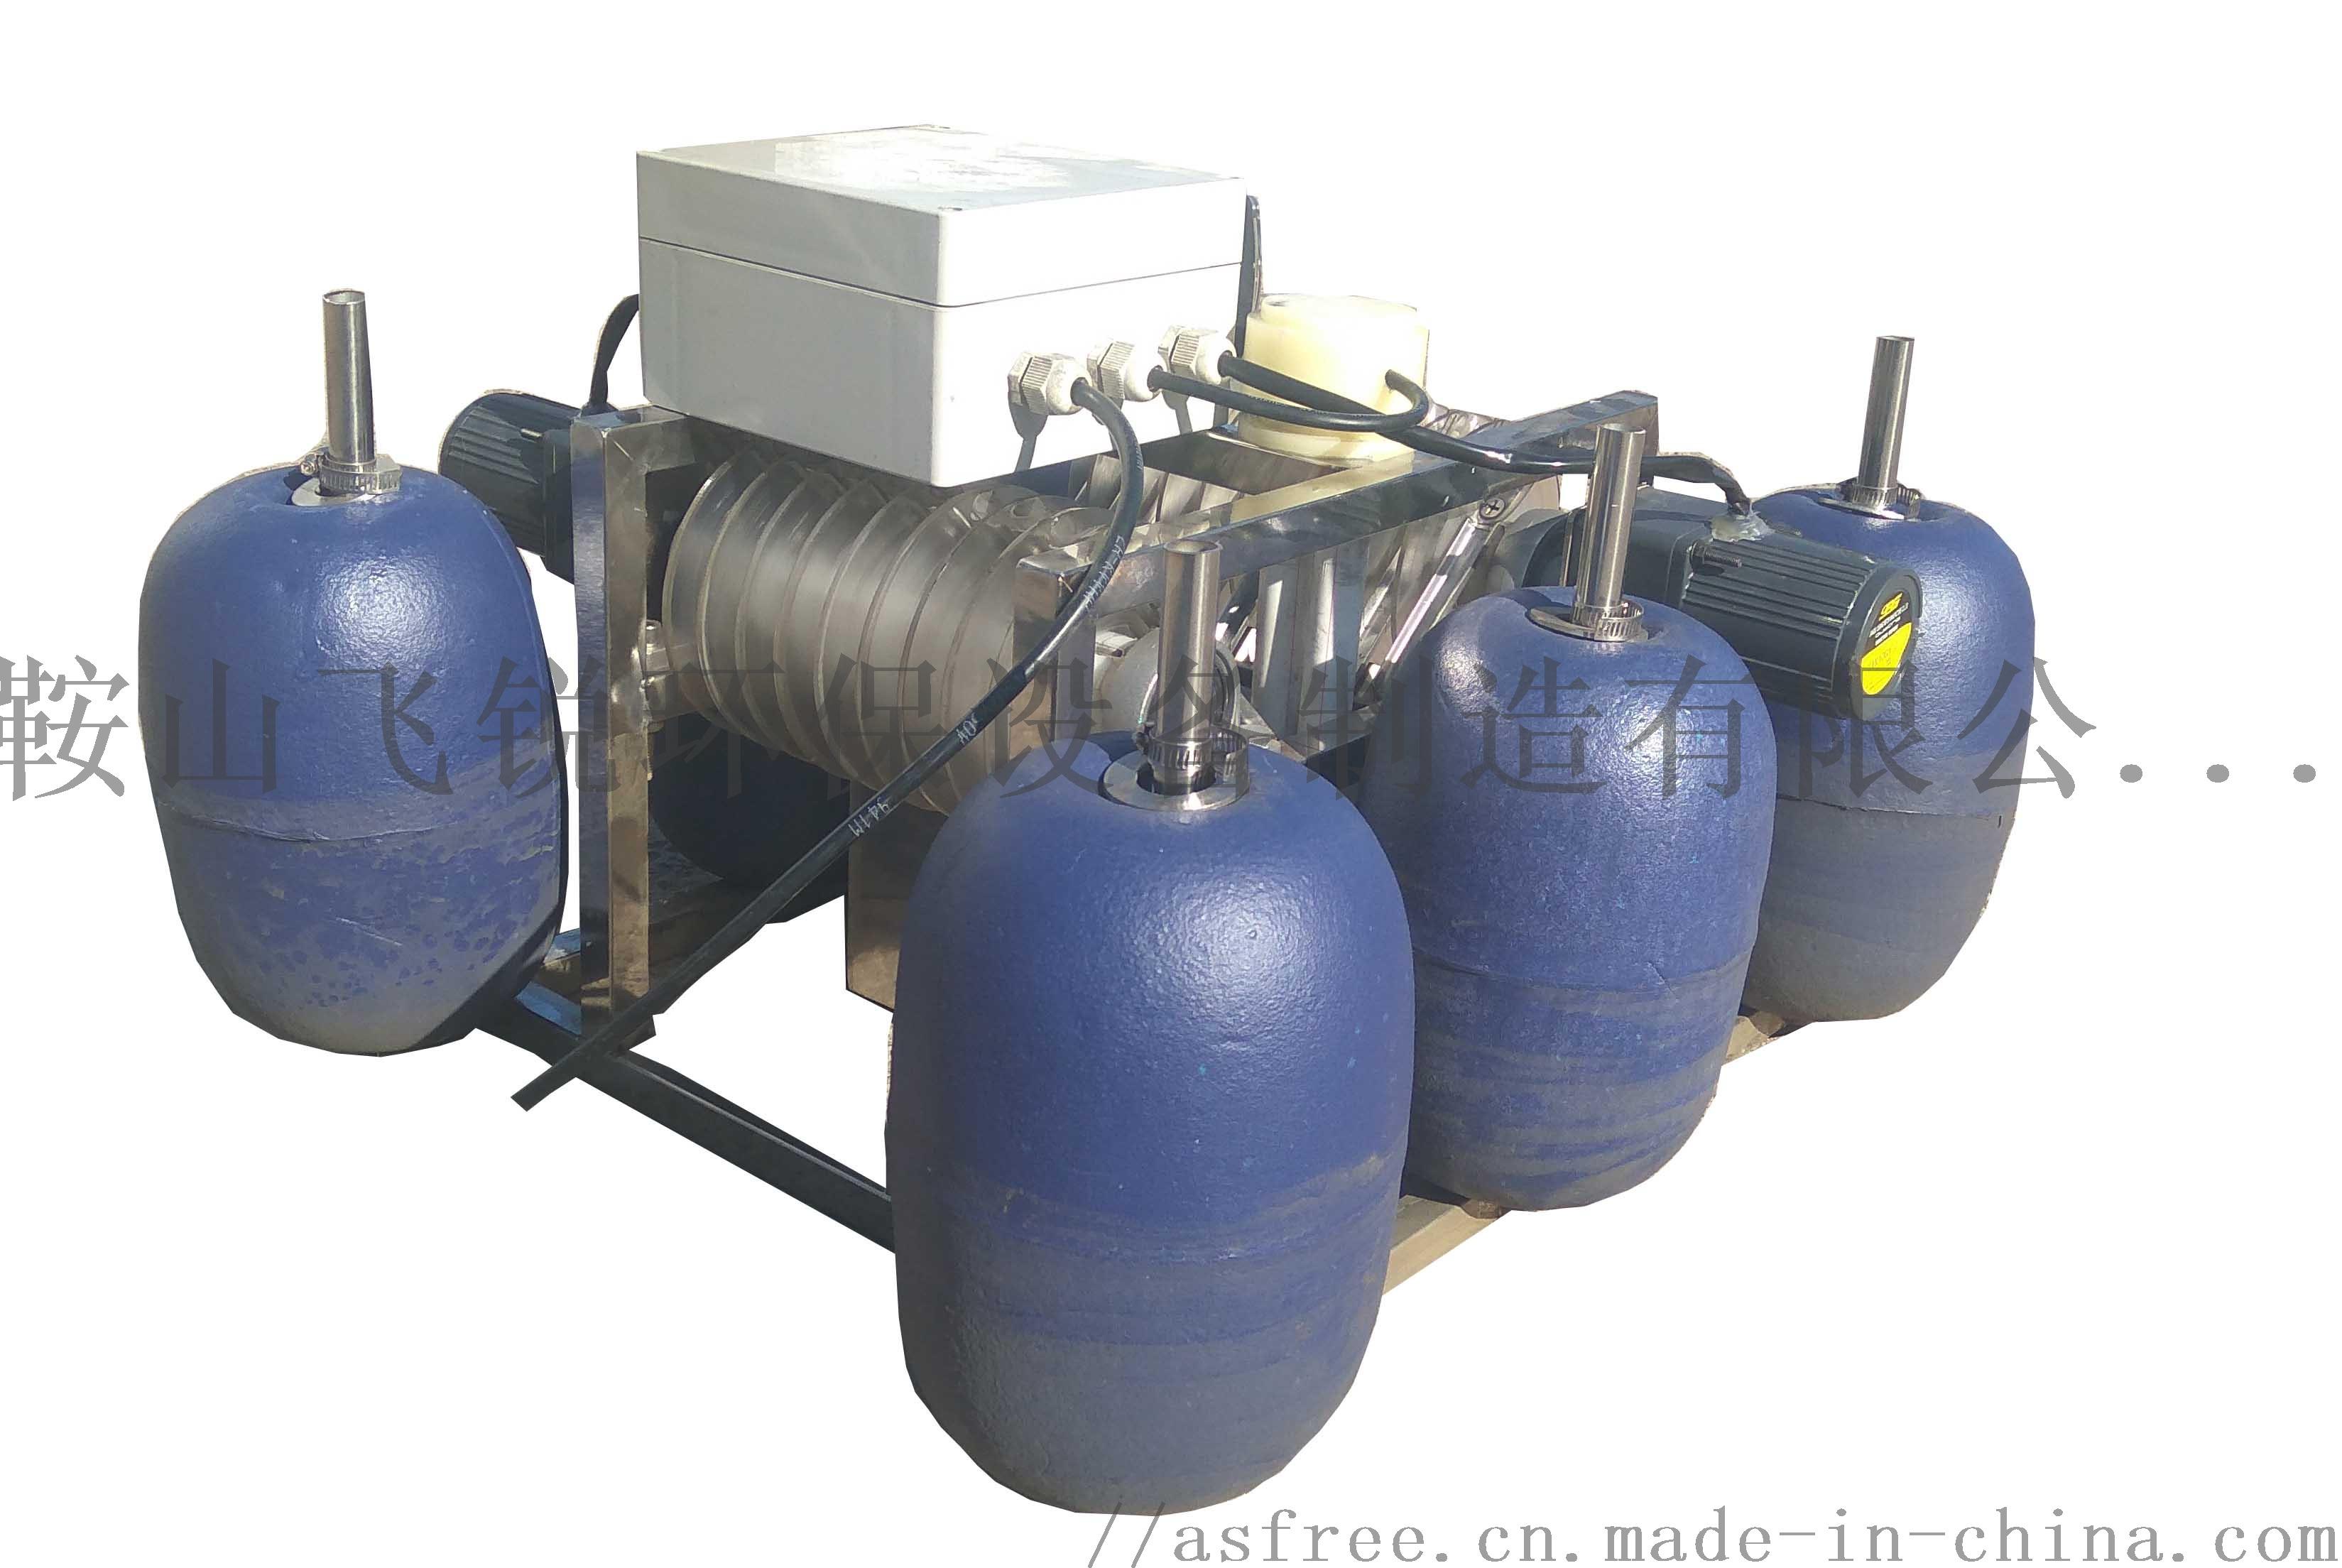 机加工专用不锈钢单转盘浮动吸油机807833632